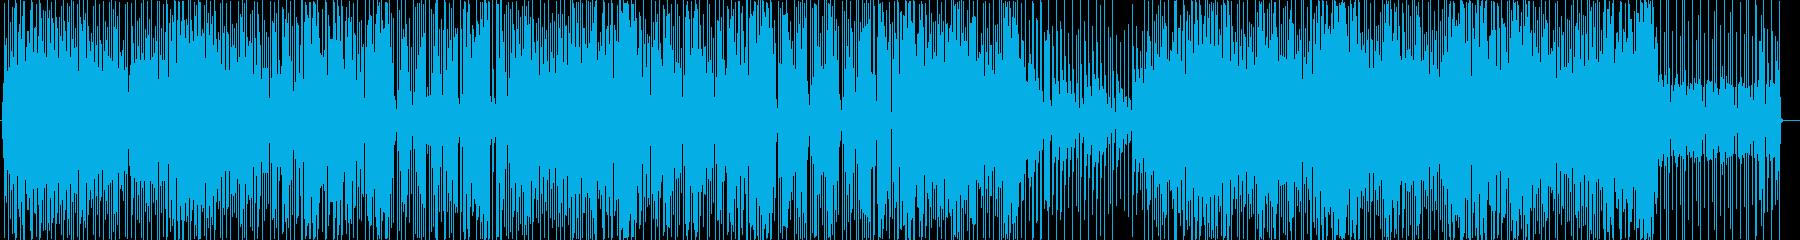 ディスコでキラキラした明るいBGMの再生済みの波形